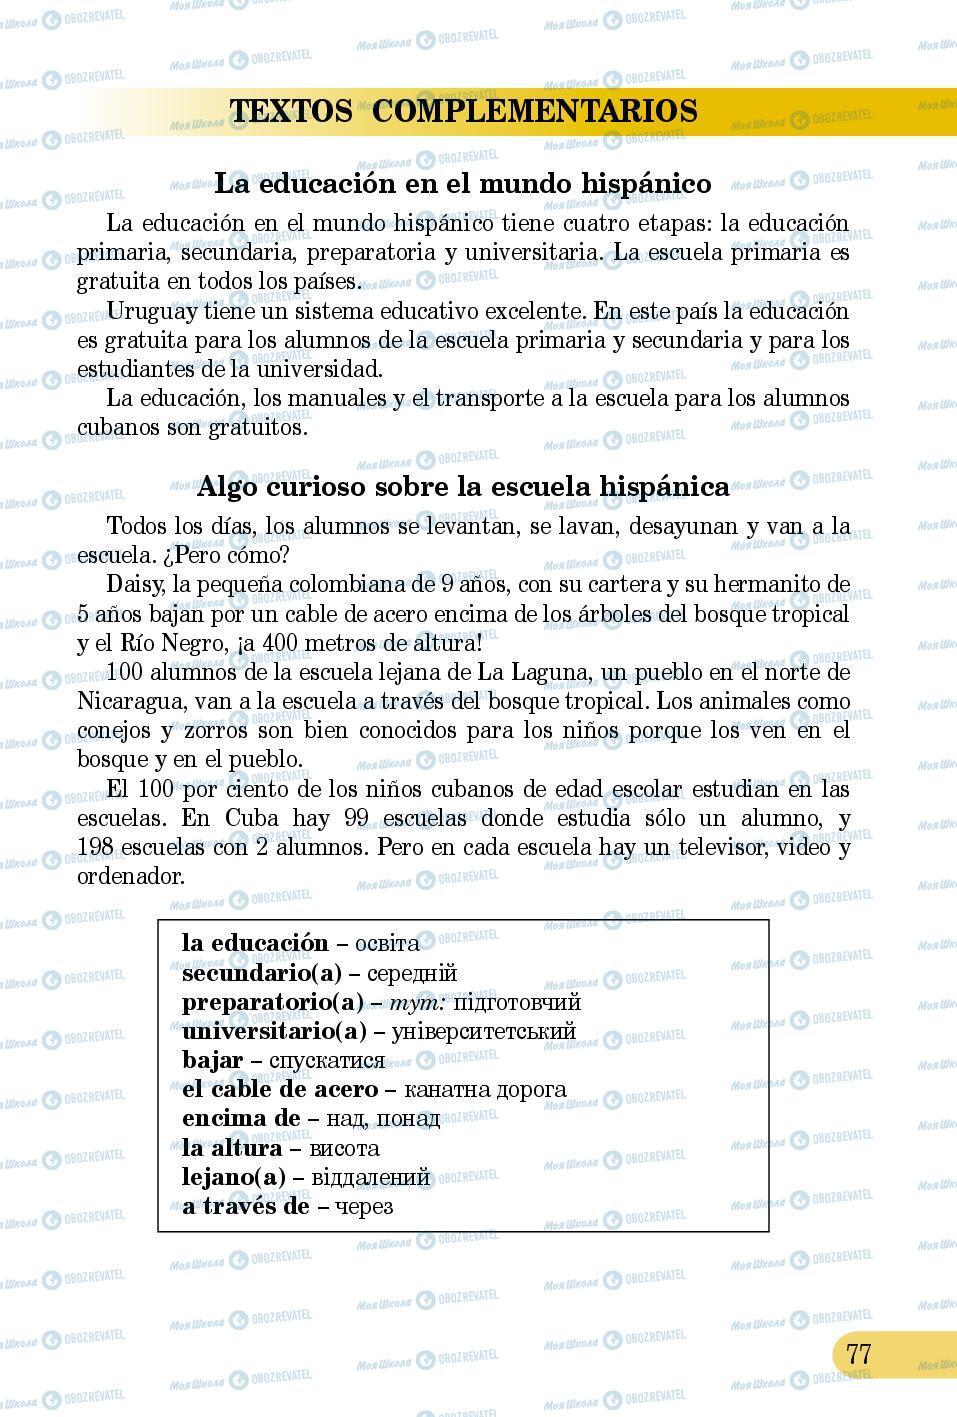 Підручники Іспанська мова 5 клас сторінка 77